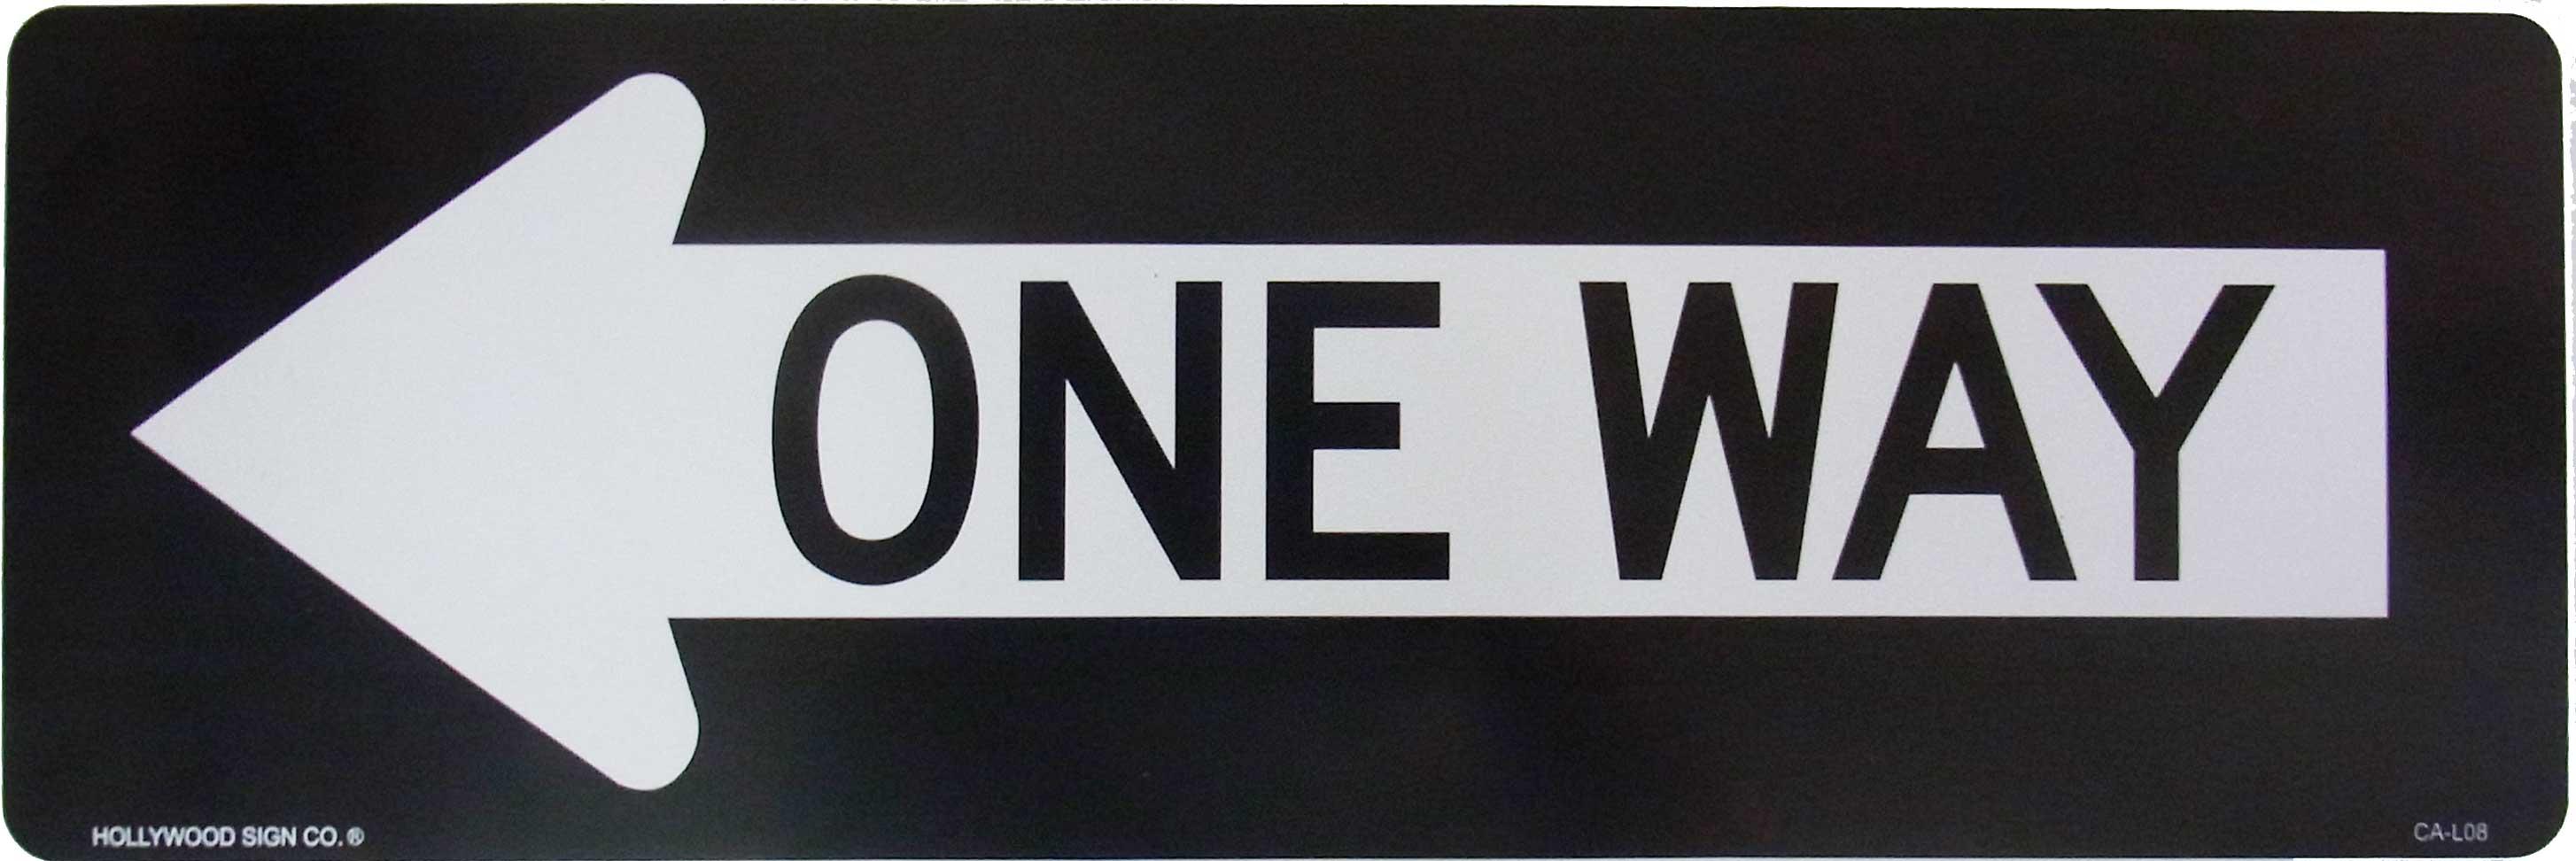 プラスティックサインボード ONE WAY L